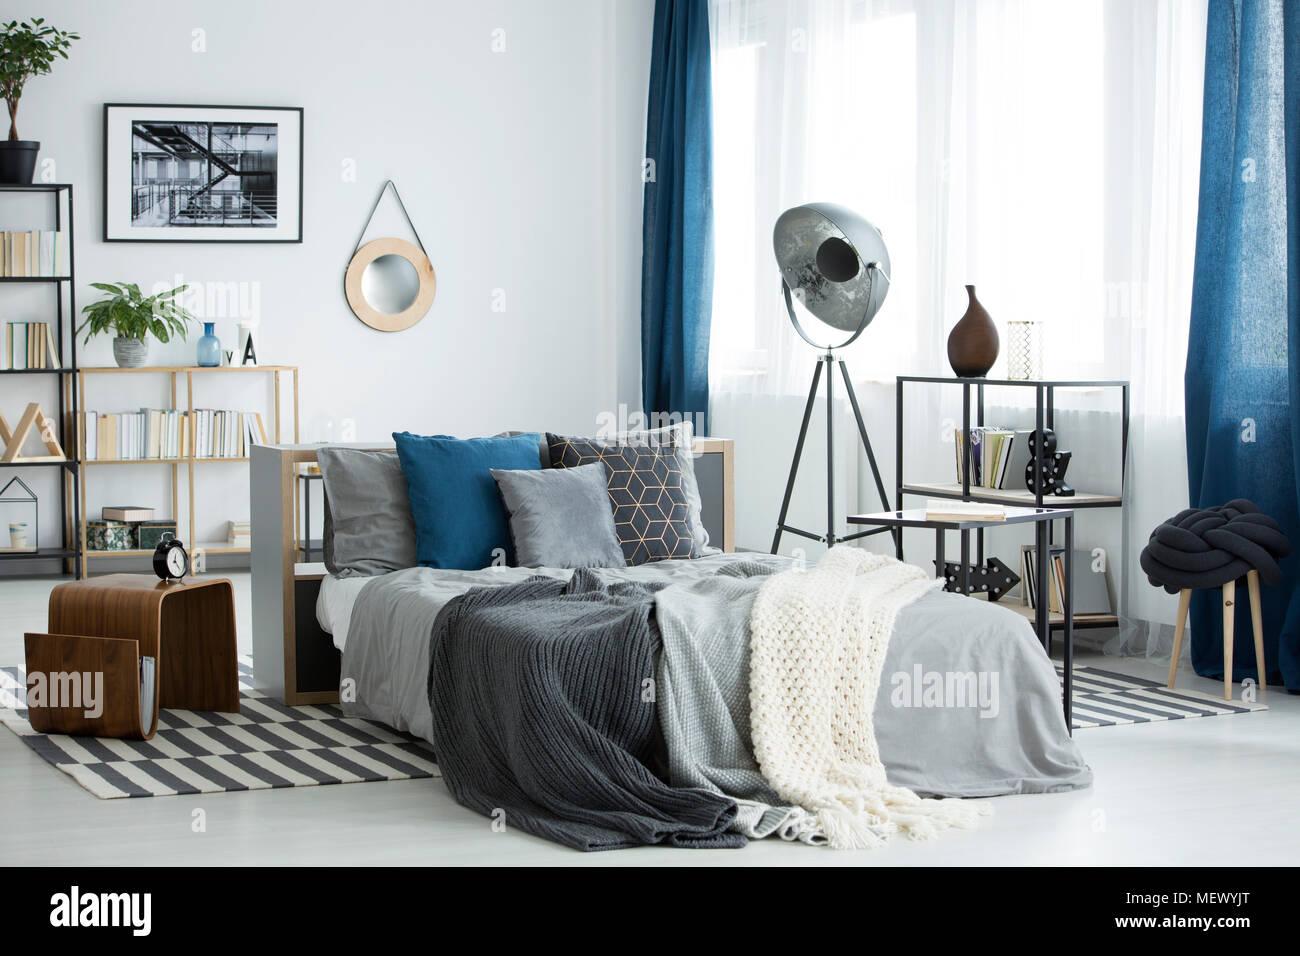 Biancheria da letto grigio sul letto in camera da letto accogliente ...